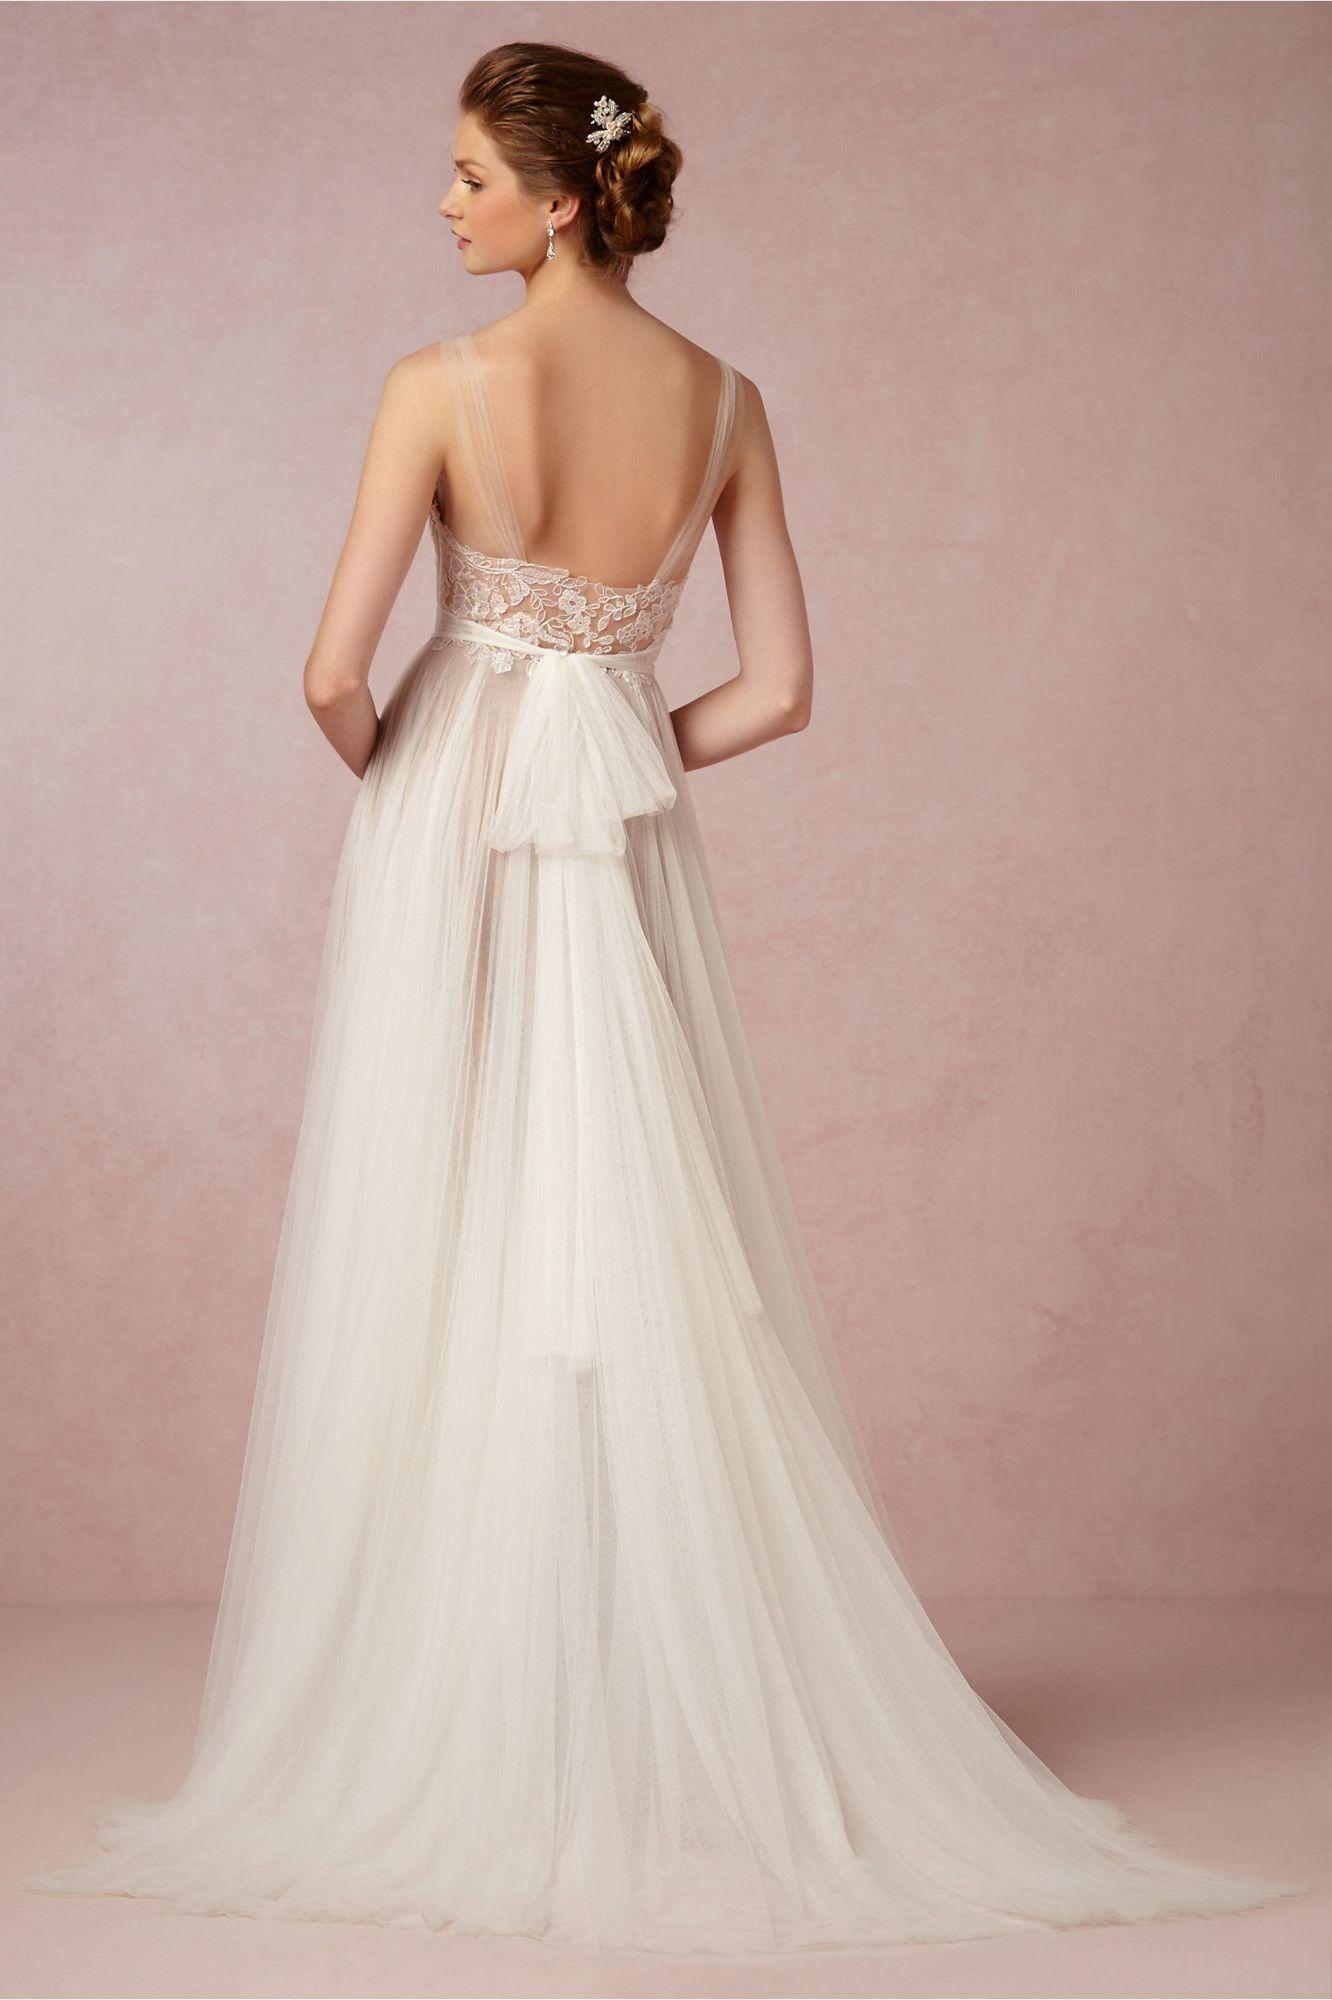 Los 17 vestidos de novia de estilo romántico que no querrás dejar ...